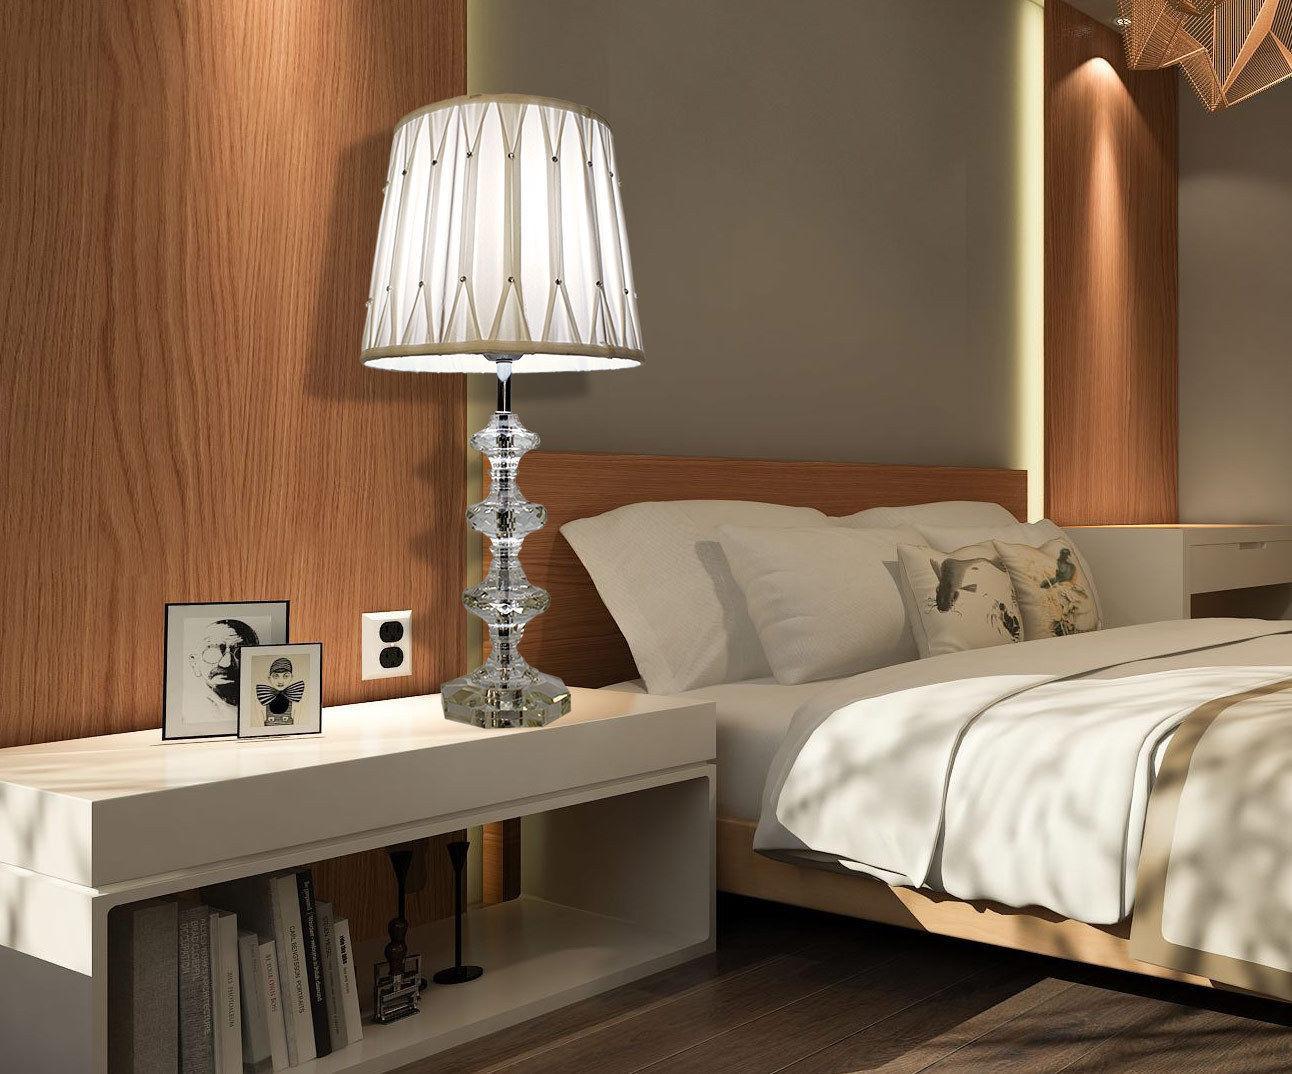 Full Size of Schlafzimmer Lampe Nachttischlafzimmer Kristall Tischleuchte Schirm Rauch Lampen Esstisch Designer Luxus Landhaus Badezimmer Decke Mit überbau Wandlampe Schlafzimmer Schlafzimmer Lampe